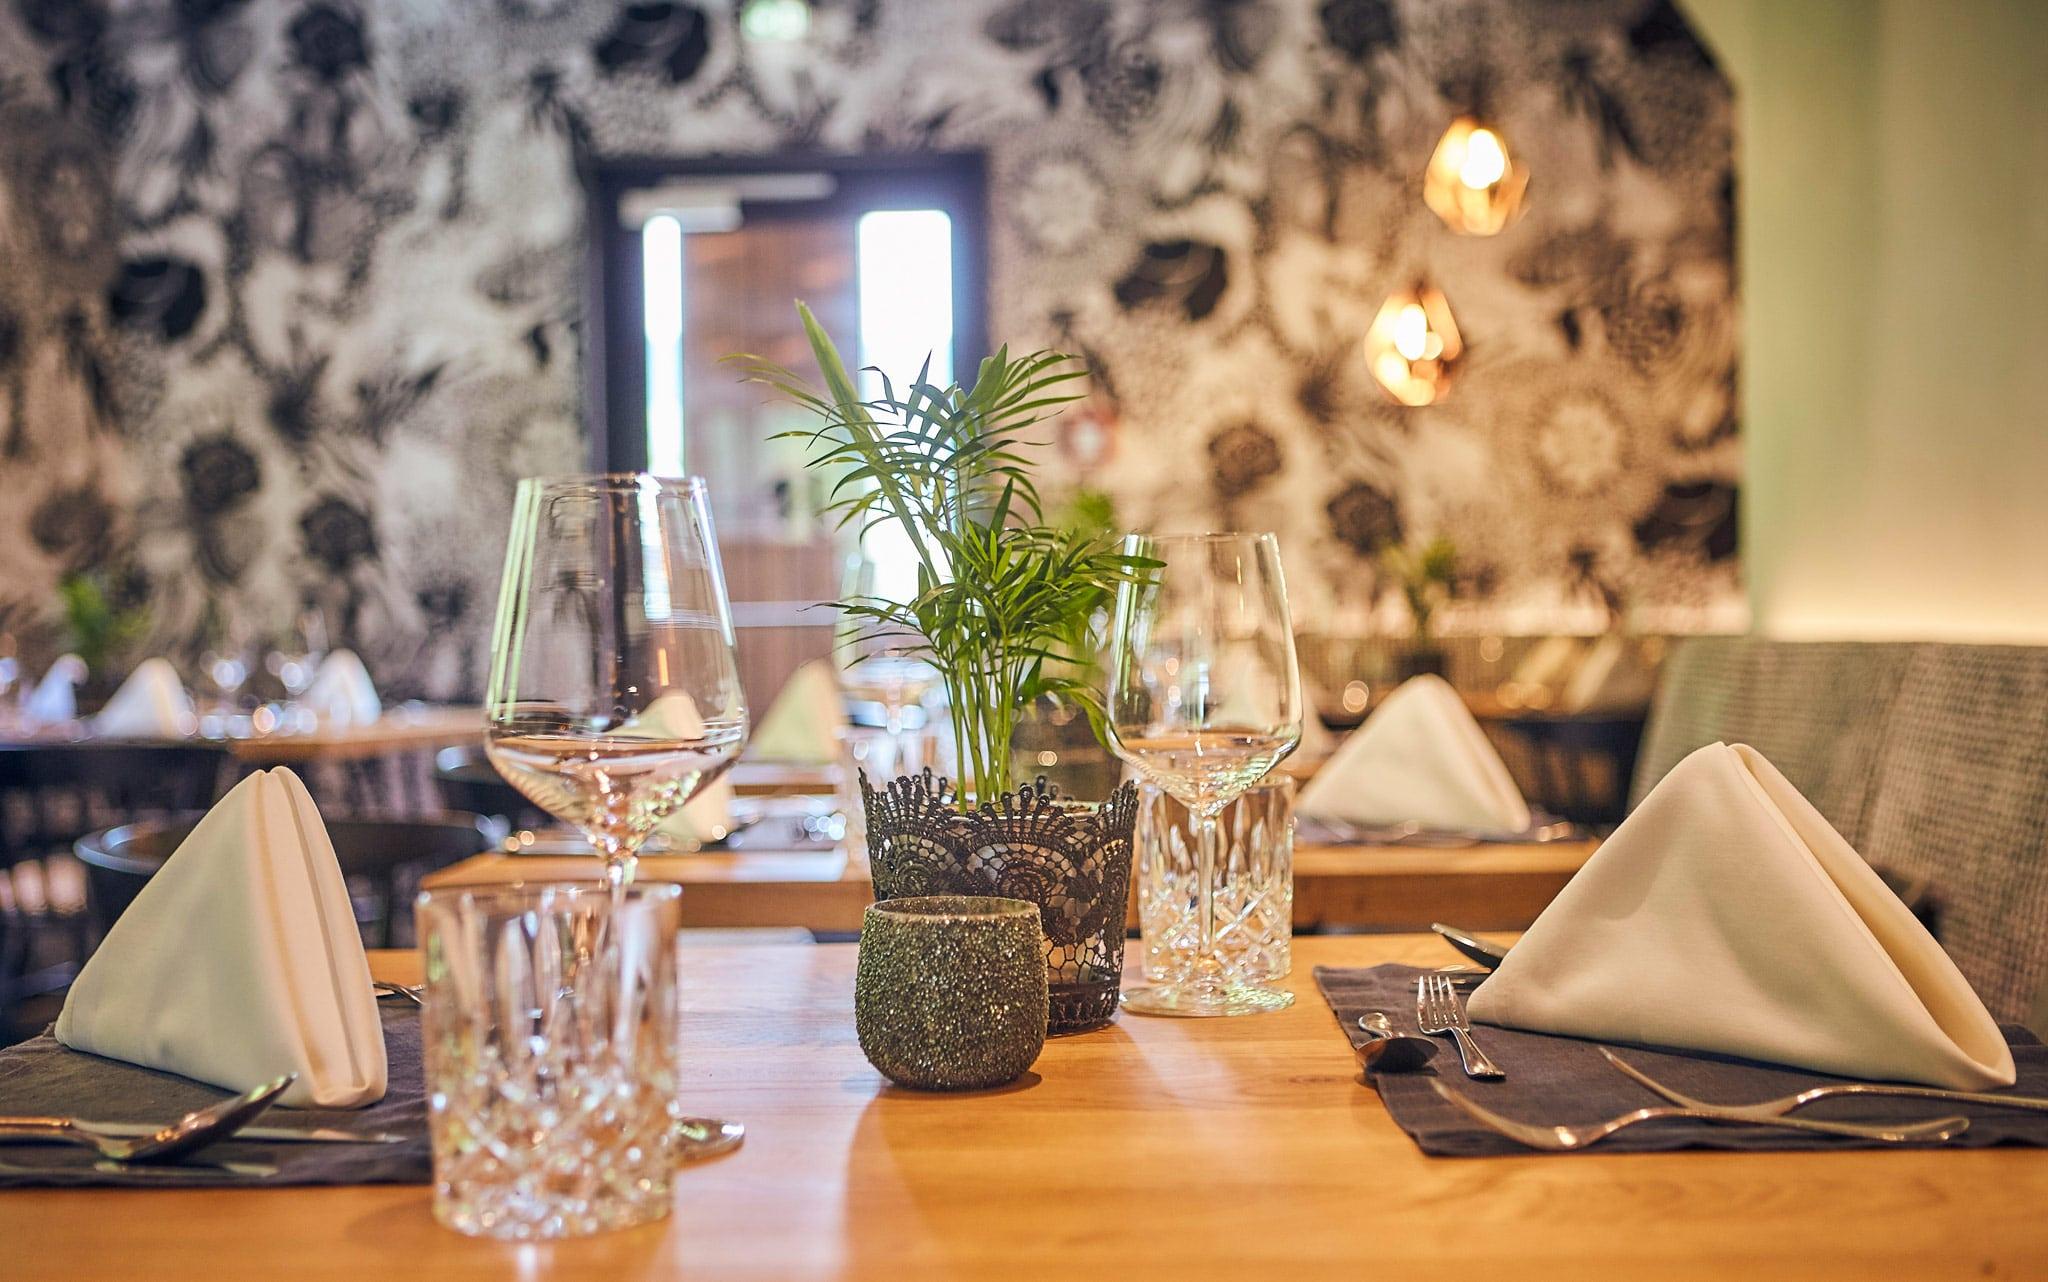 Ein gedeckter Tisch mit Besteck, Gläsern und einer grünen Pflanze als Dekoration